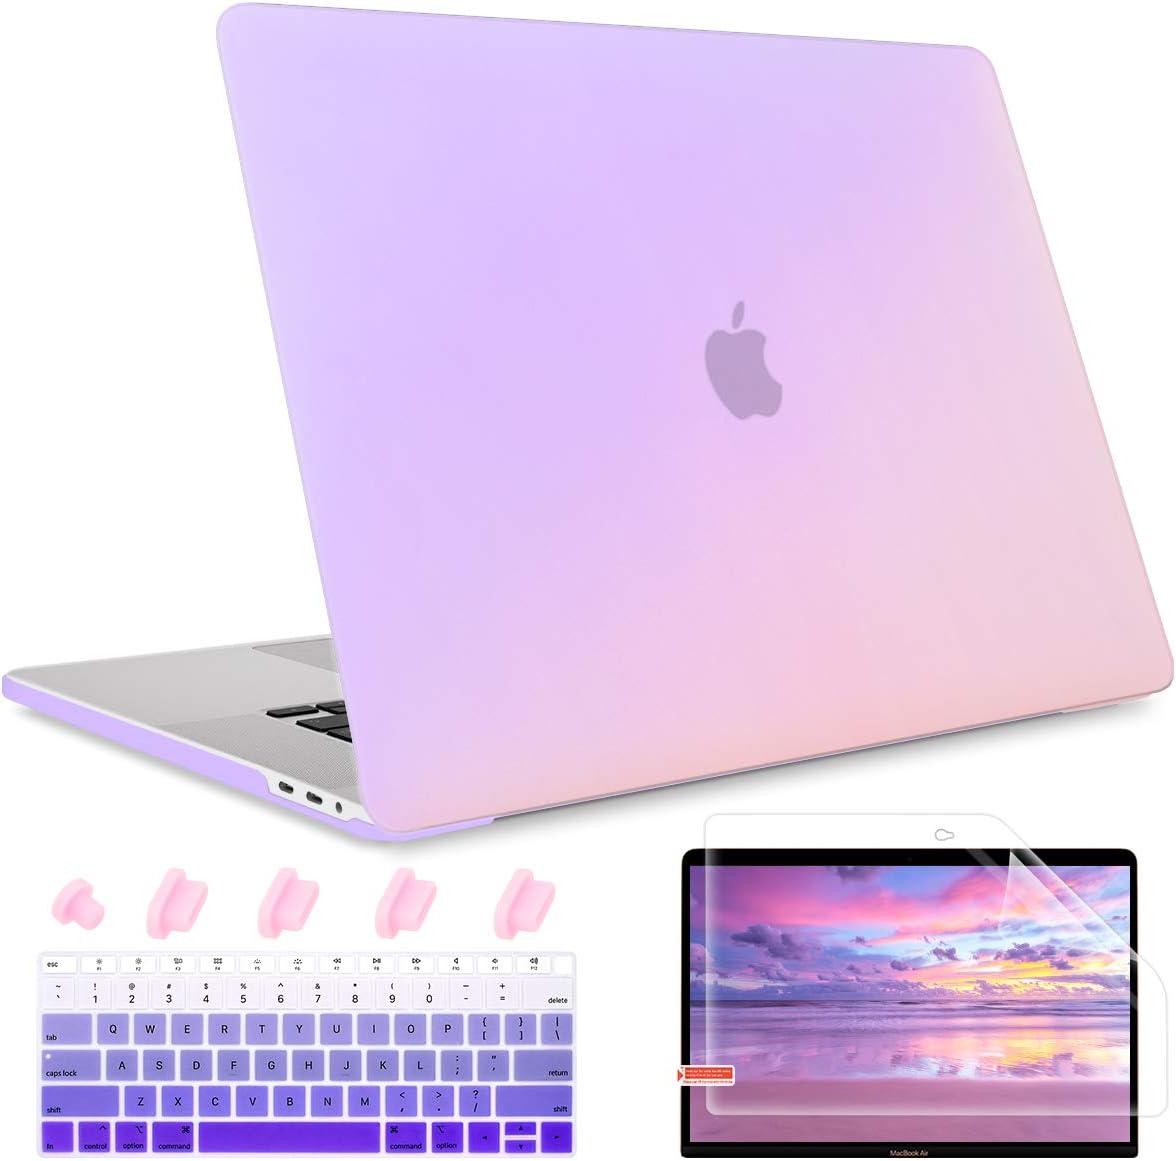 Customized Glitter Macbook Pro 16 Case Pink 13 Inch Macbook Air Case Macbook Pro 13 Inch Case Laptop Case Macbook Pro 15 Inch  AMM6154